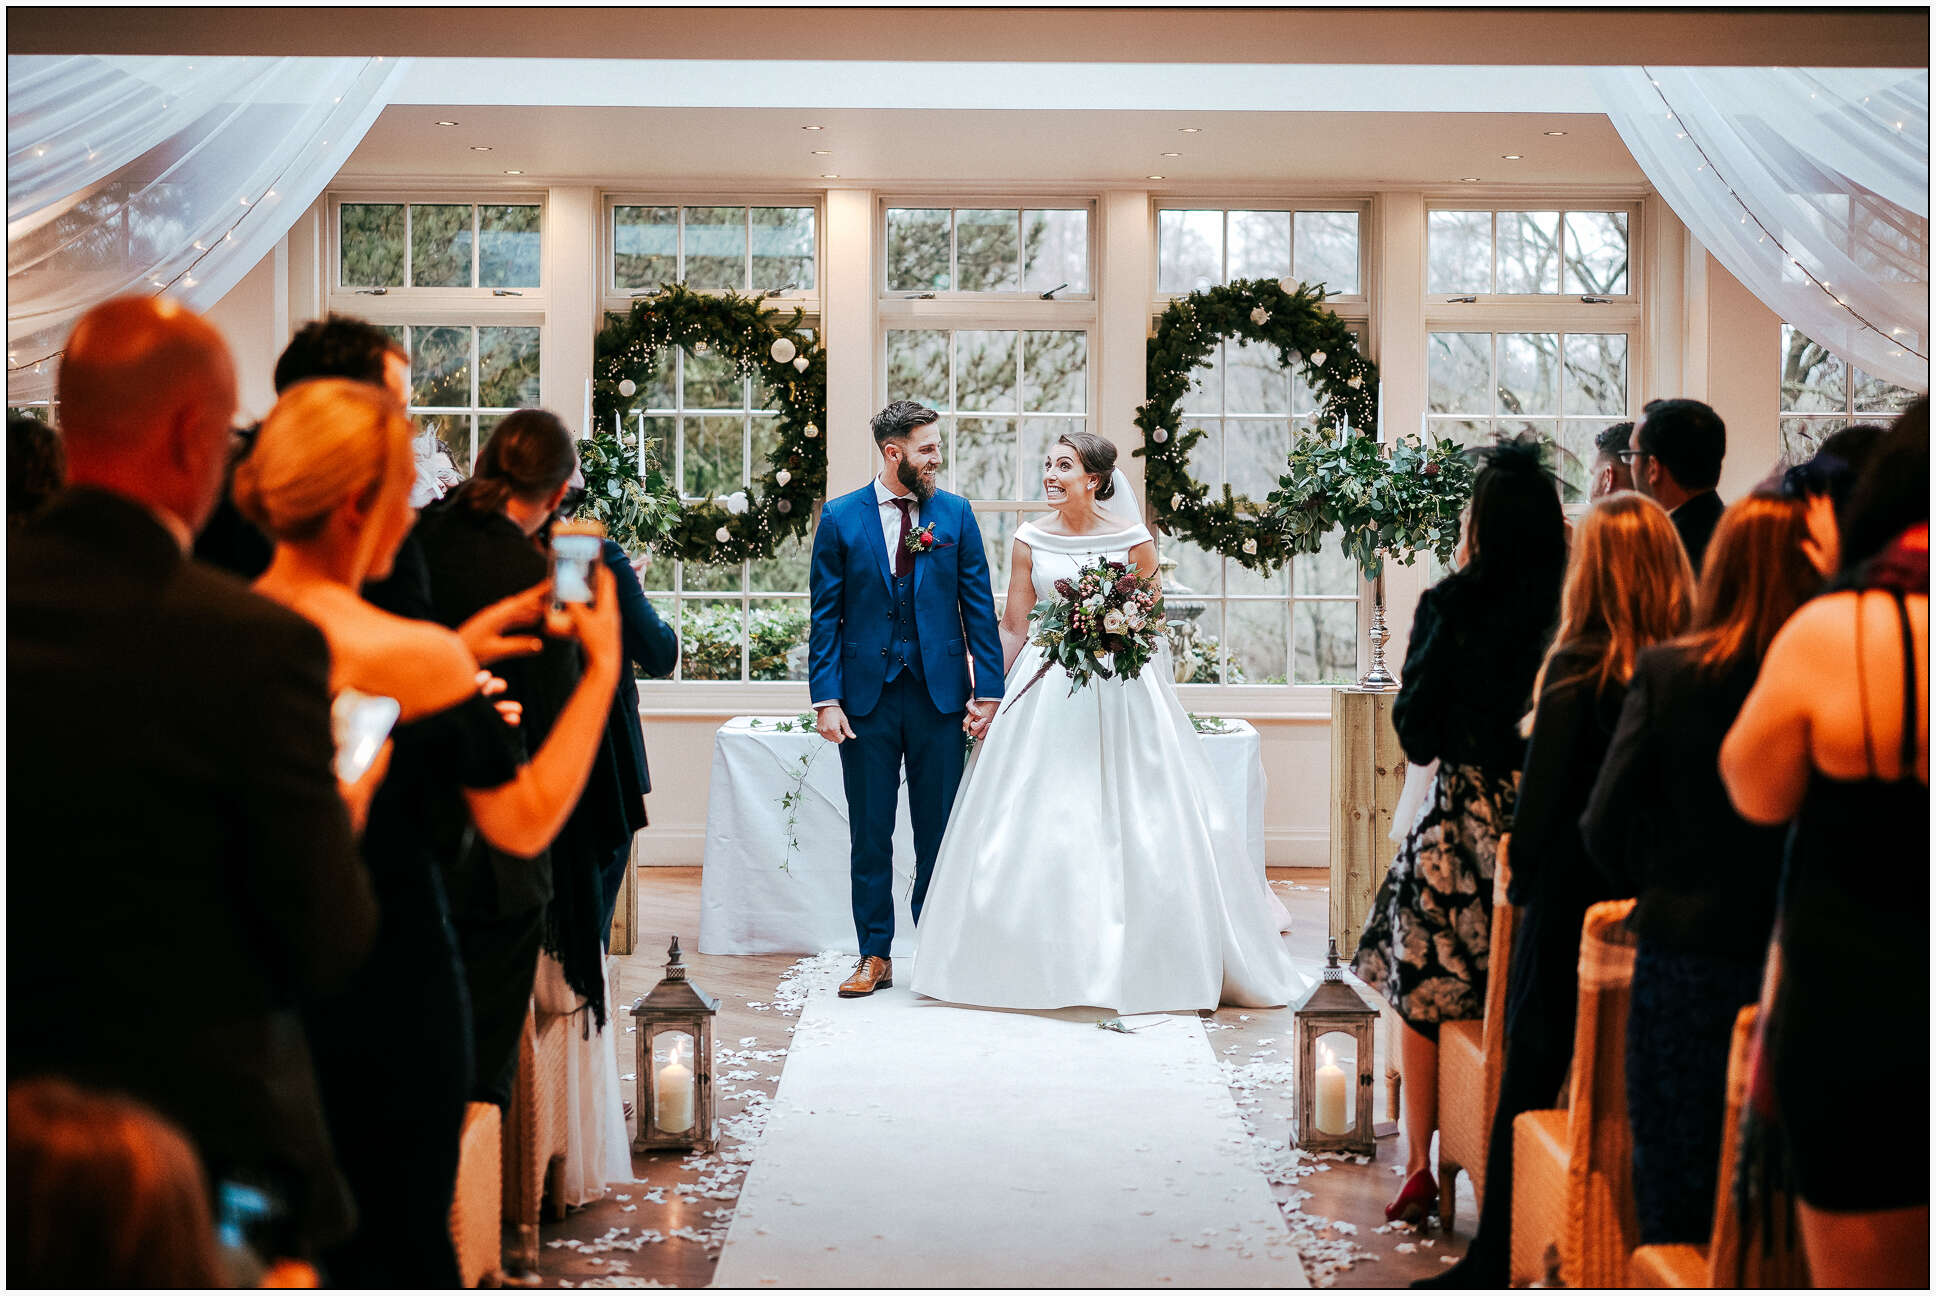 Mitton_Hall_Christmas_Wedding-29.jpg